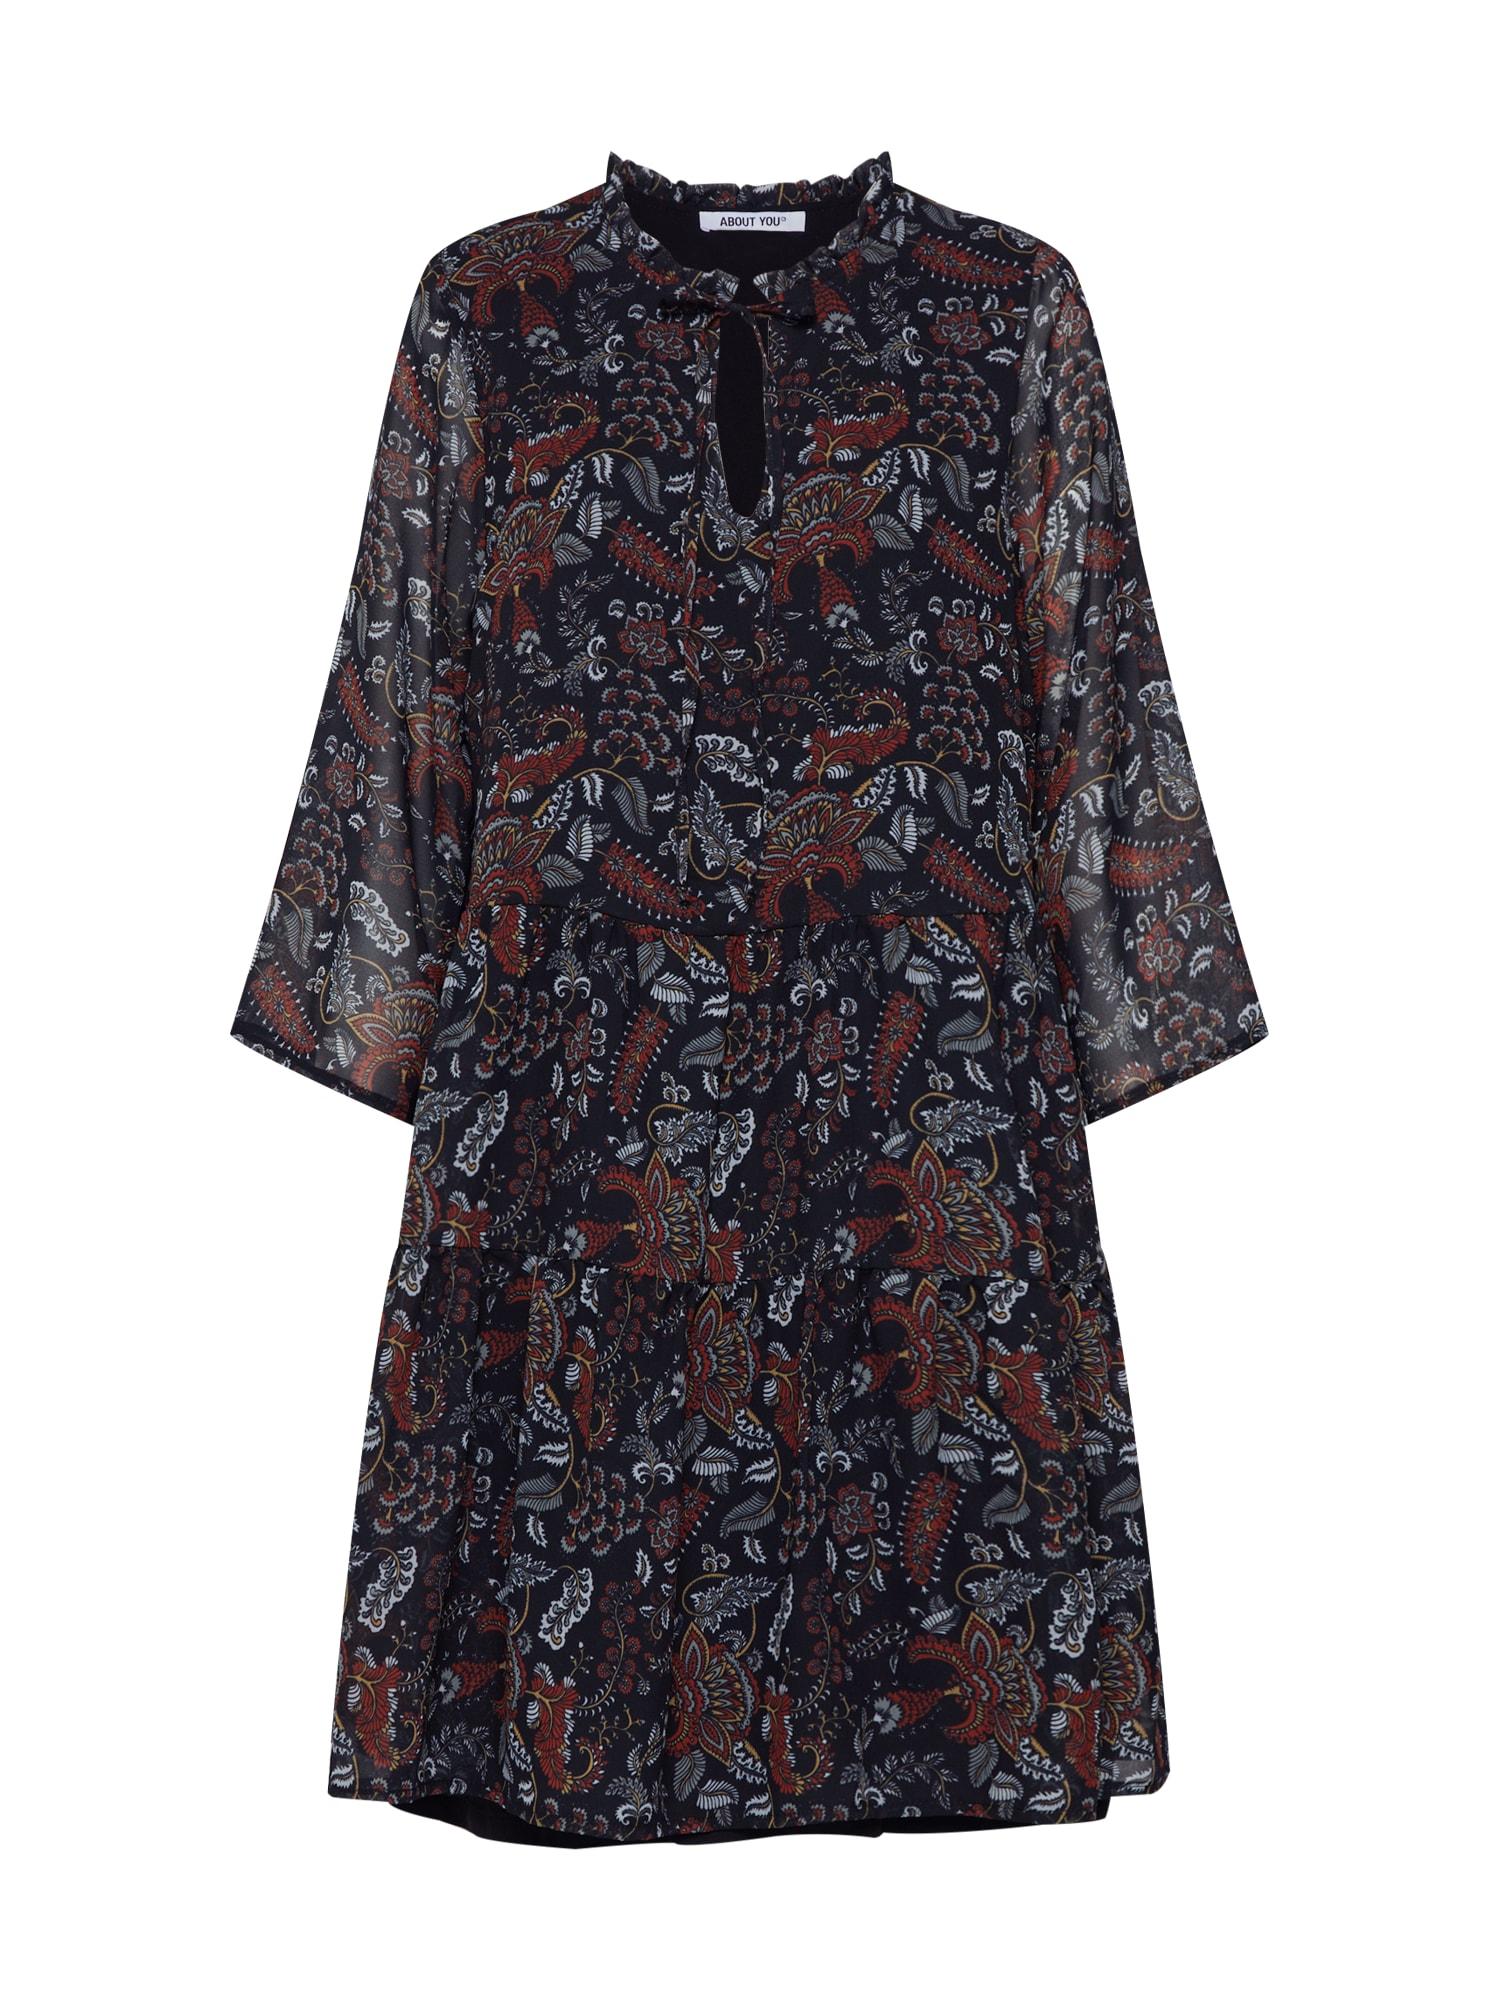 ABOUT YOU Palaidinės tipo suknelė 'Meret' mišrios spalvos / juoda